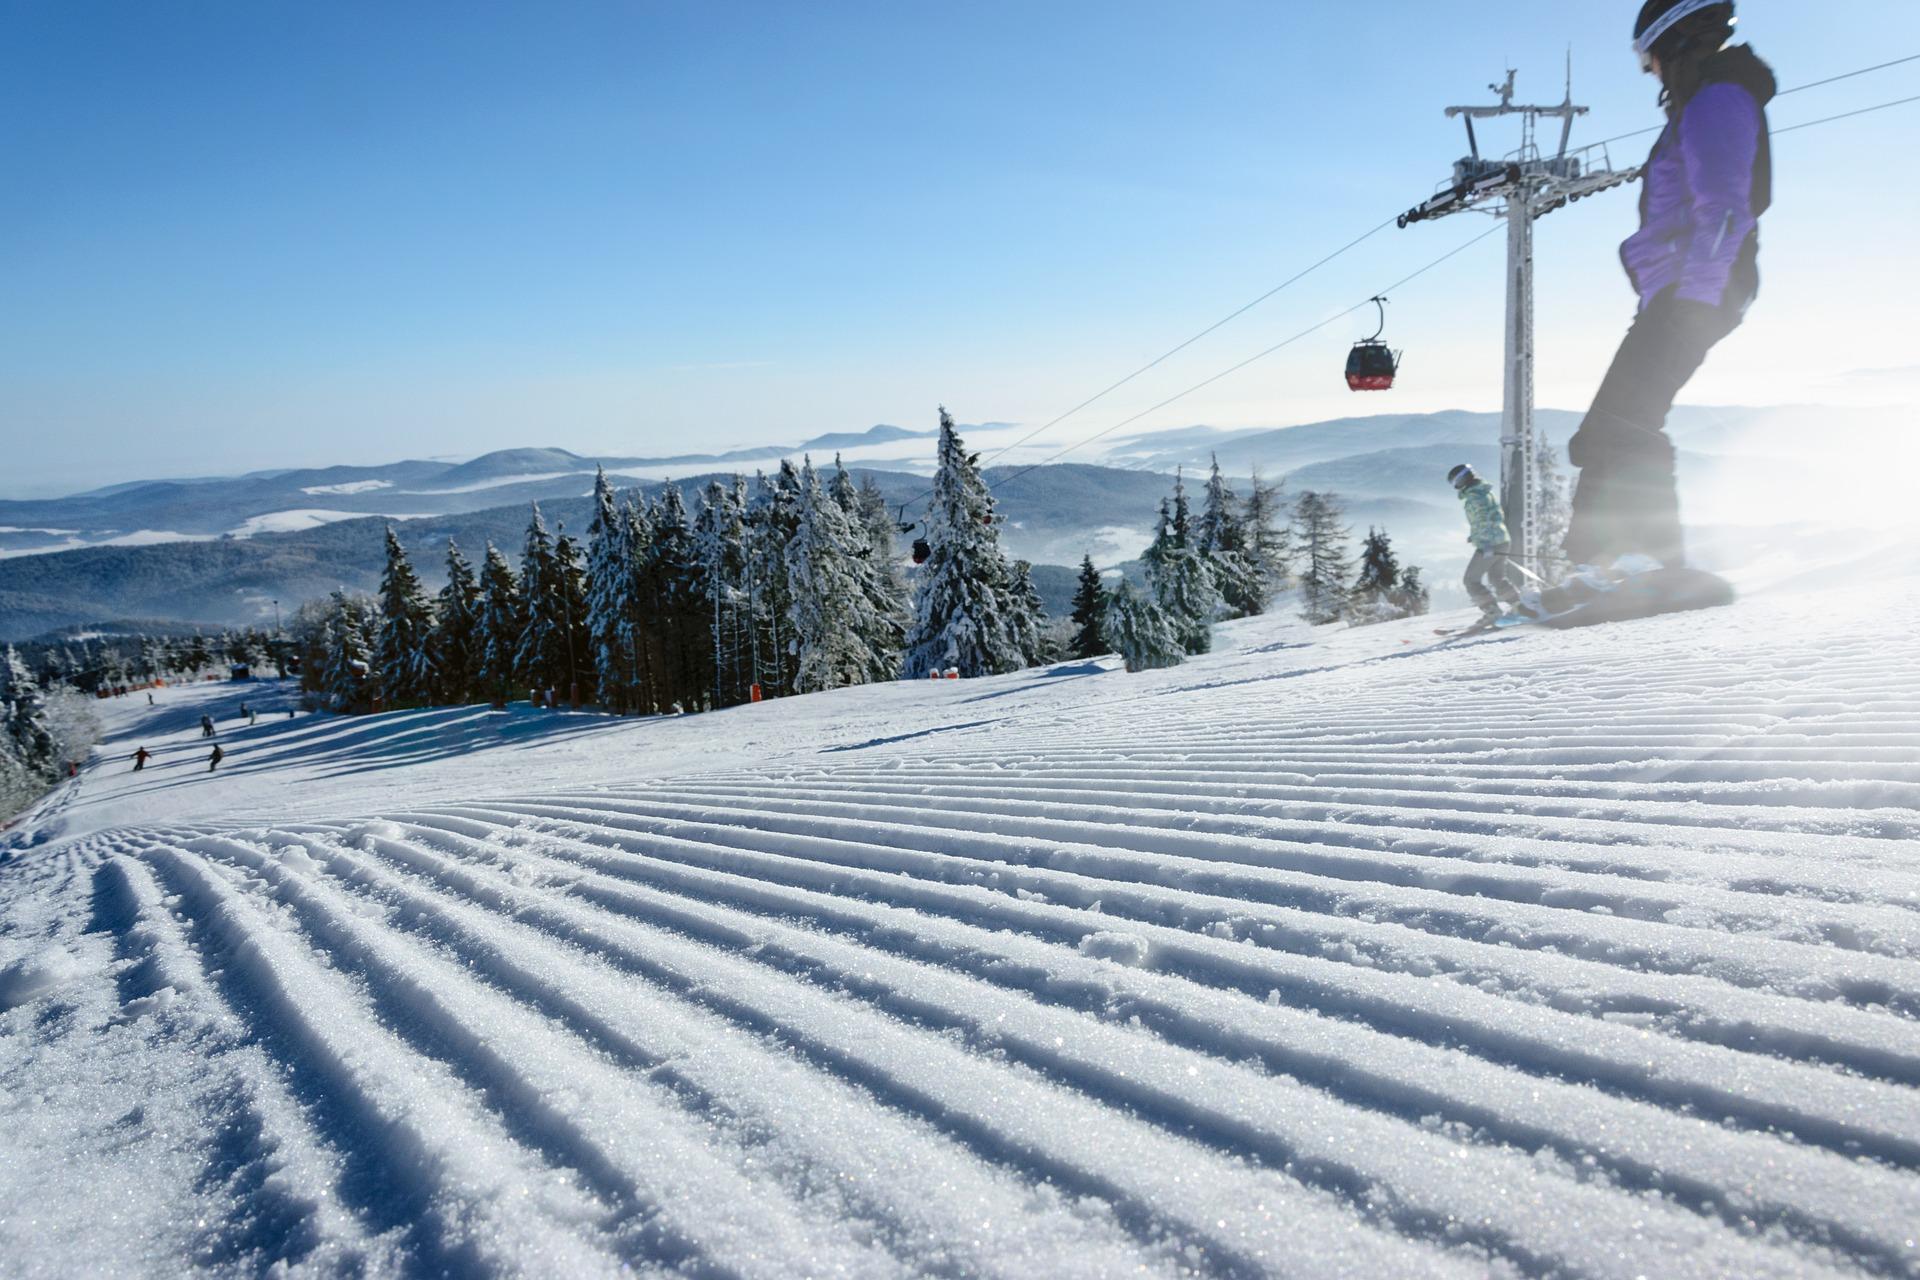 ski-slope-3184931_1920